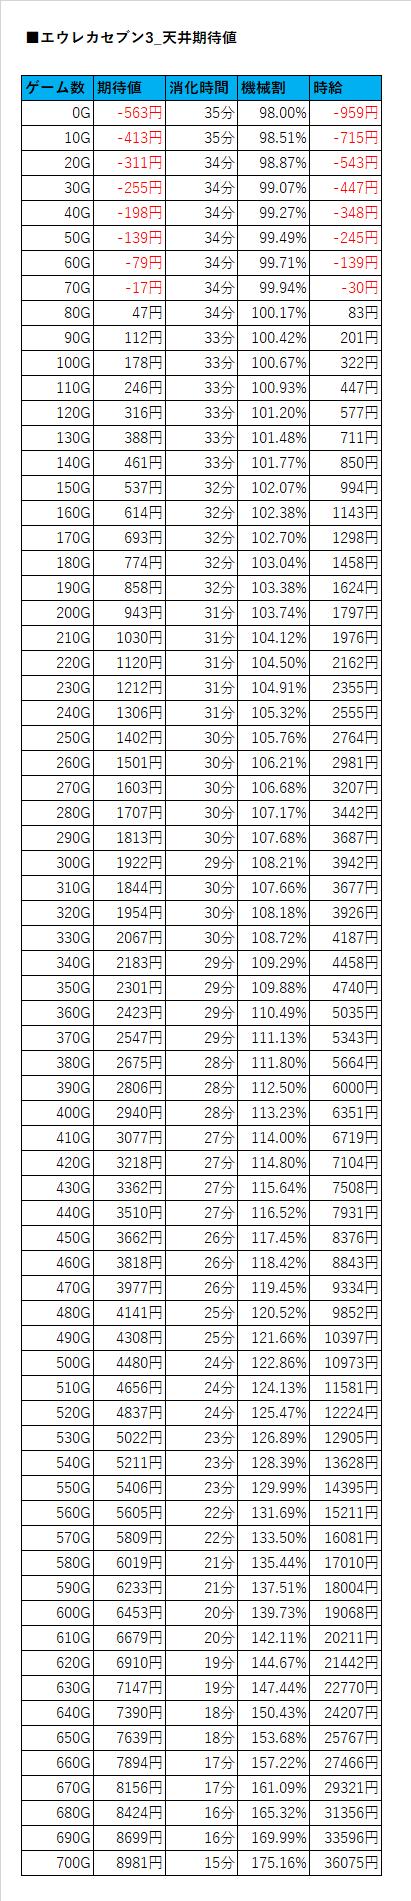 エウレカセブン 3 期待 値 【エウレカセブン3】天井期待値・ゾーン・設定狙い・やめどき・勝ち方...